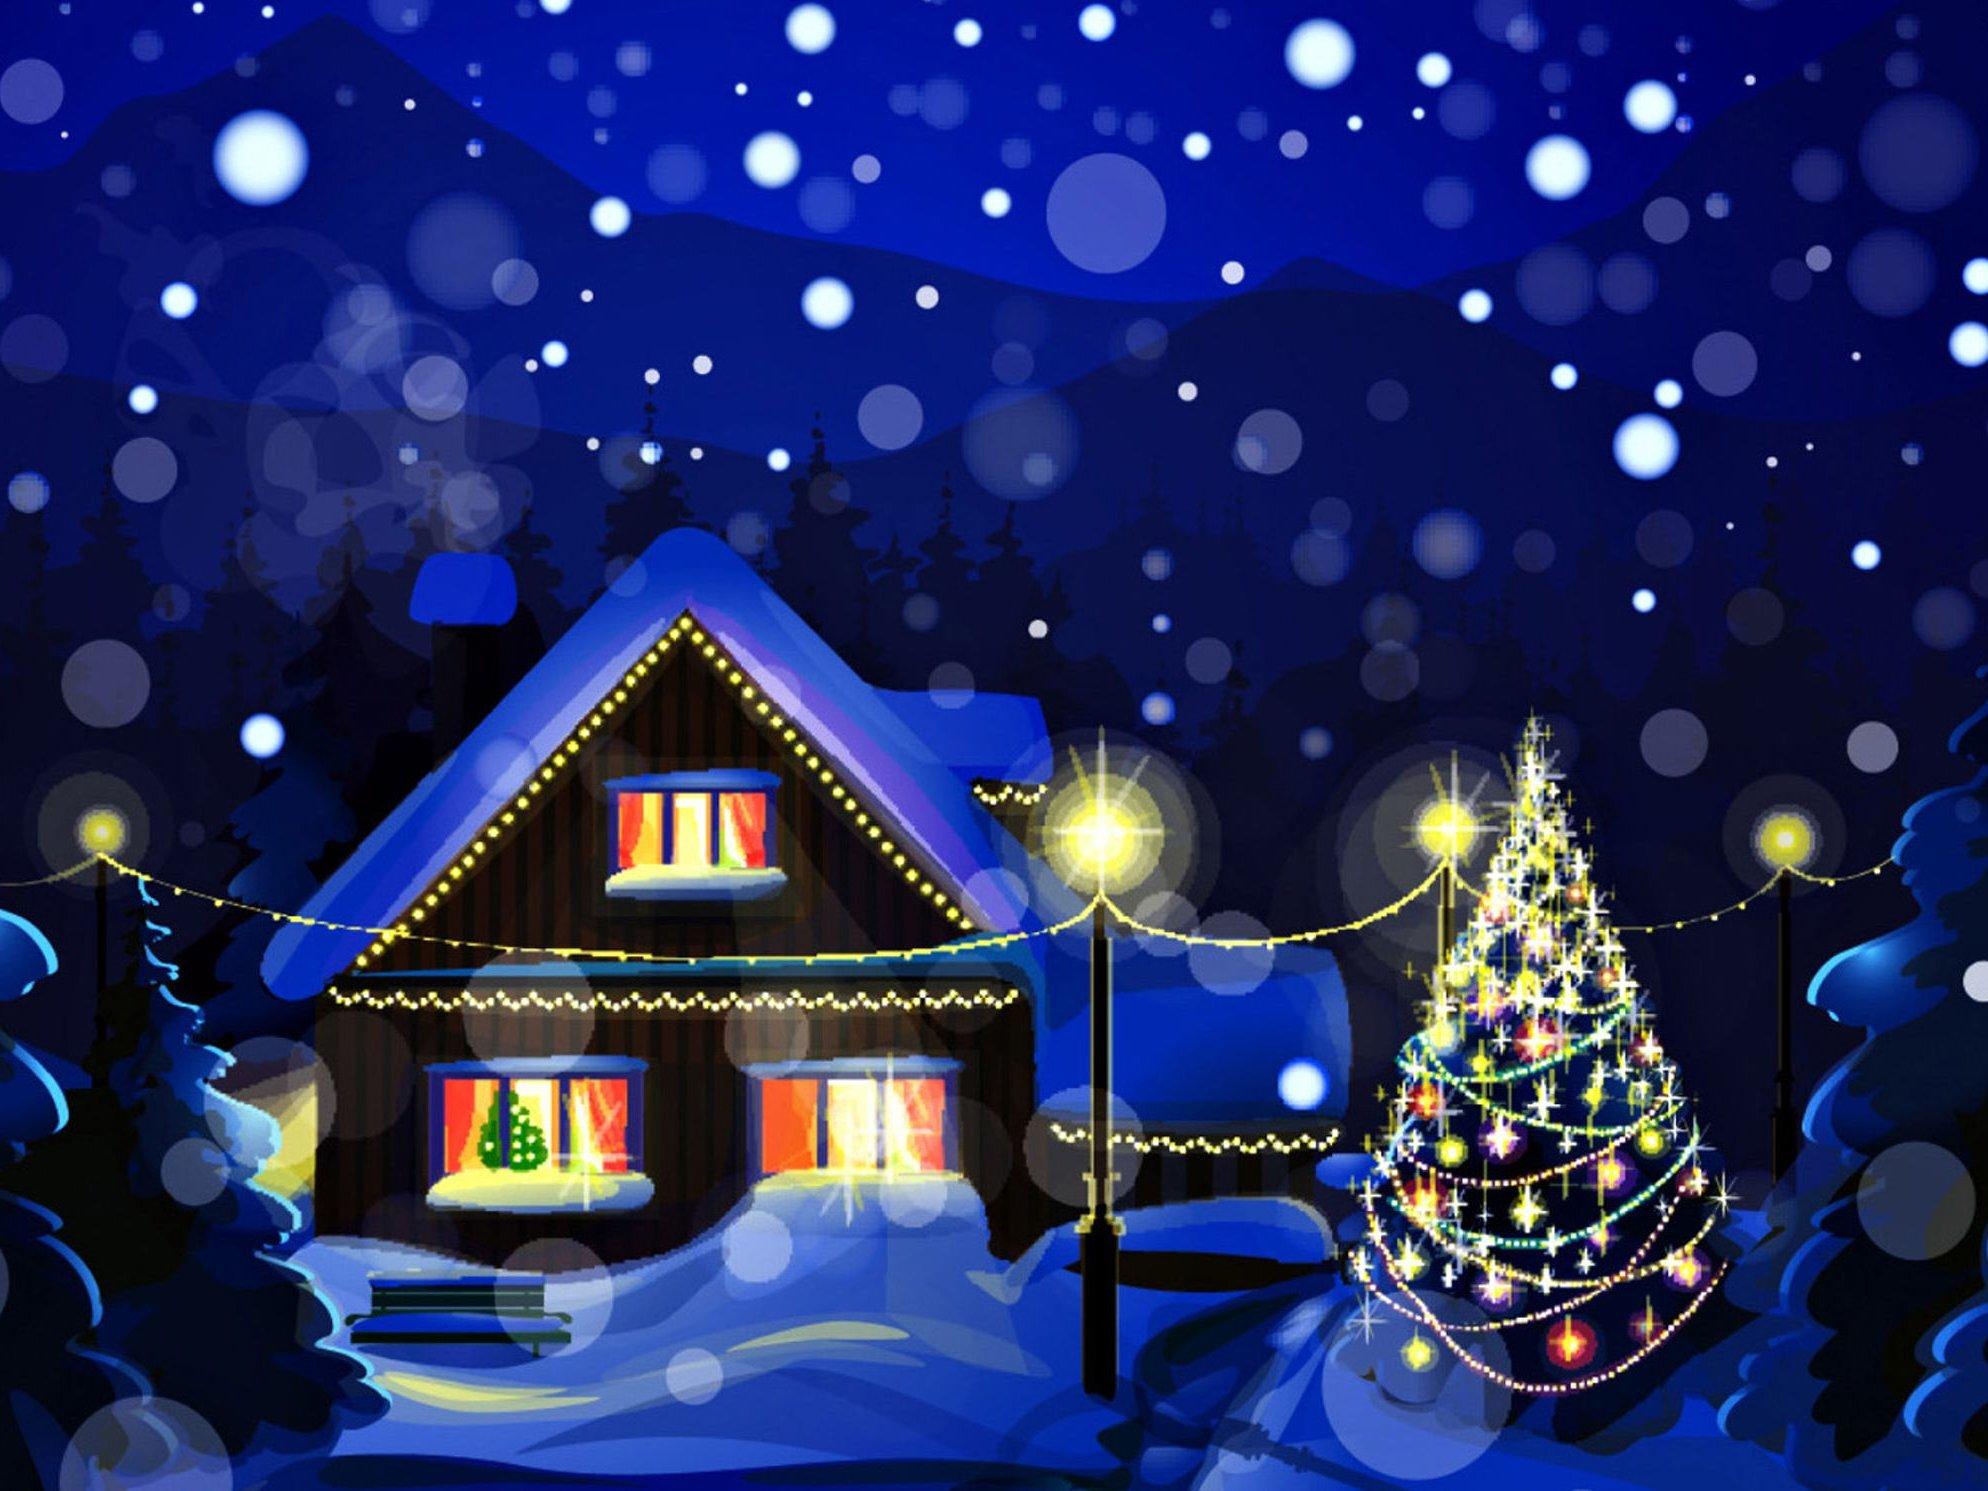 рождество новый год Christmas new year  № 2656670 загрузить